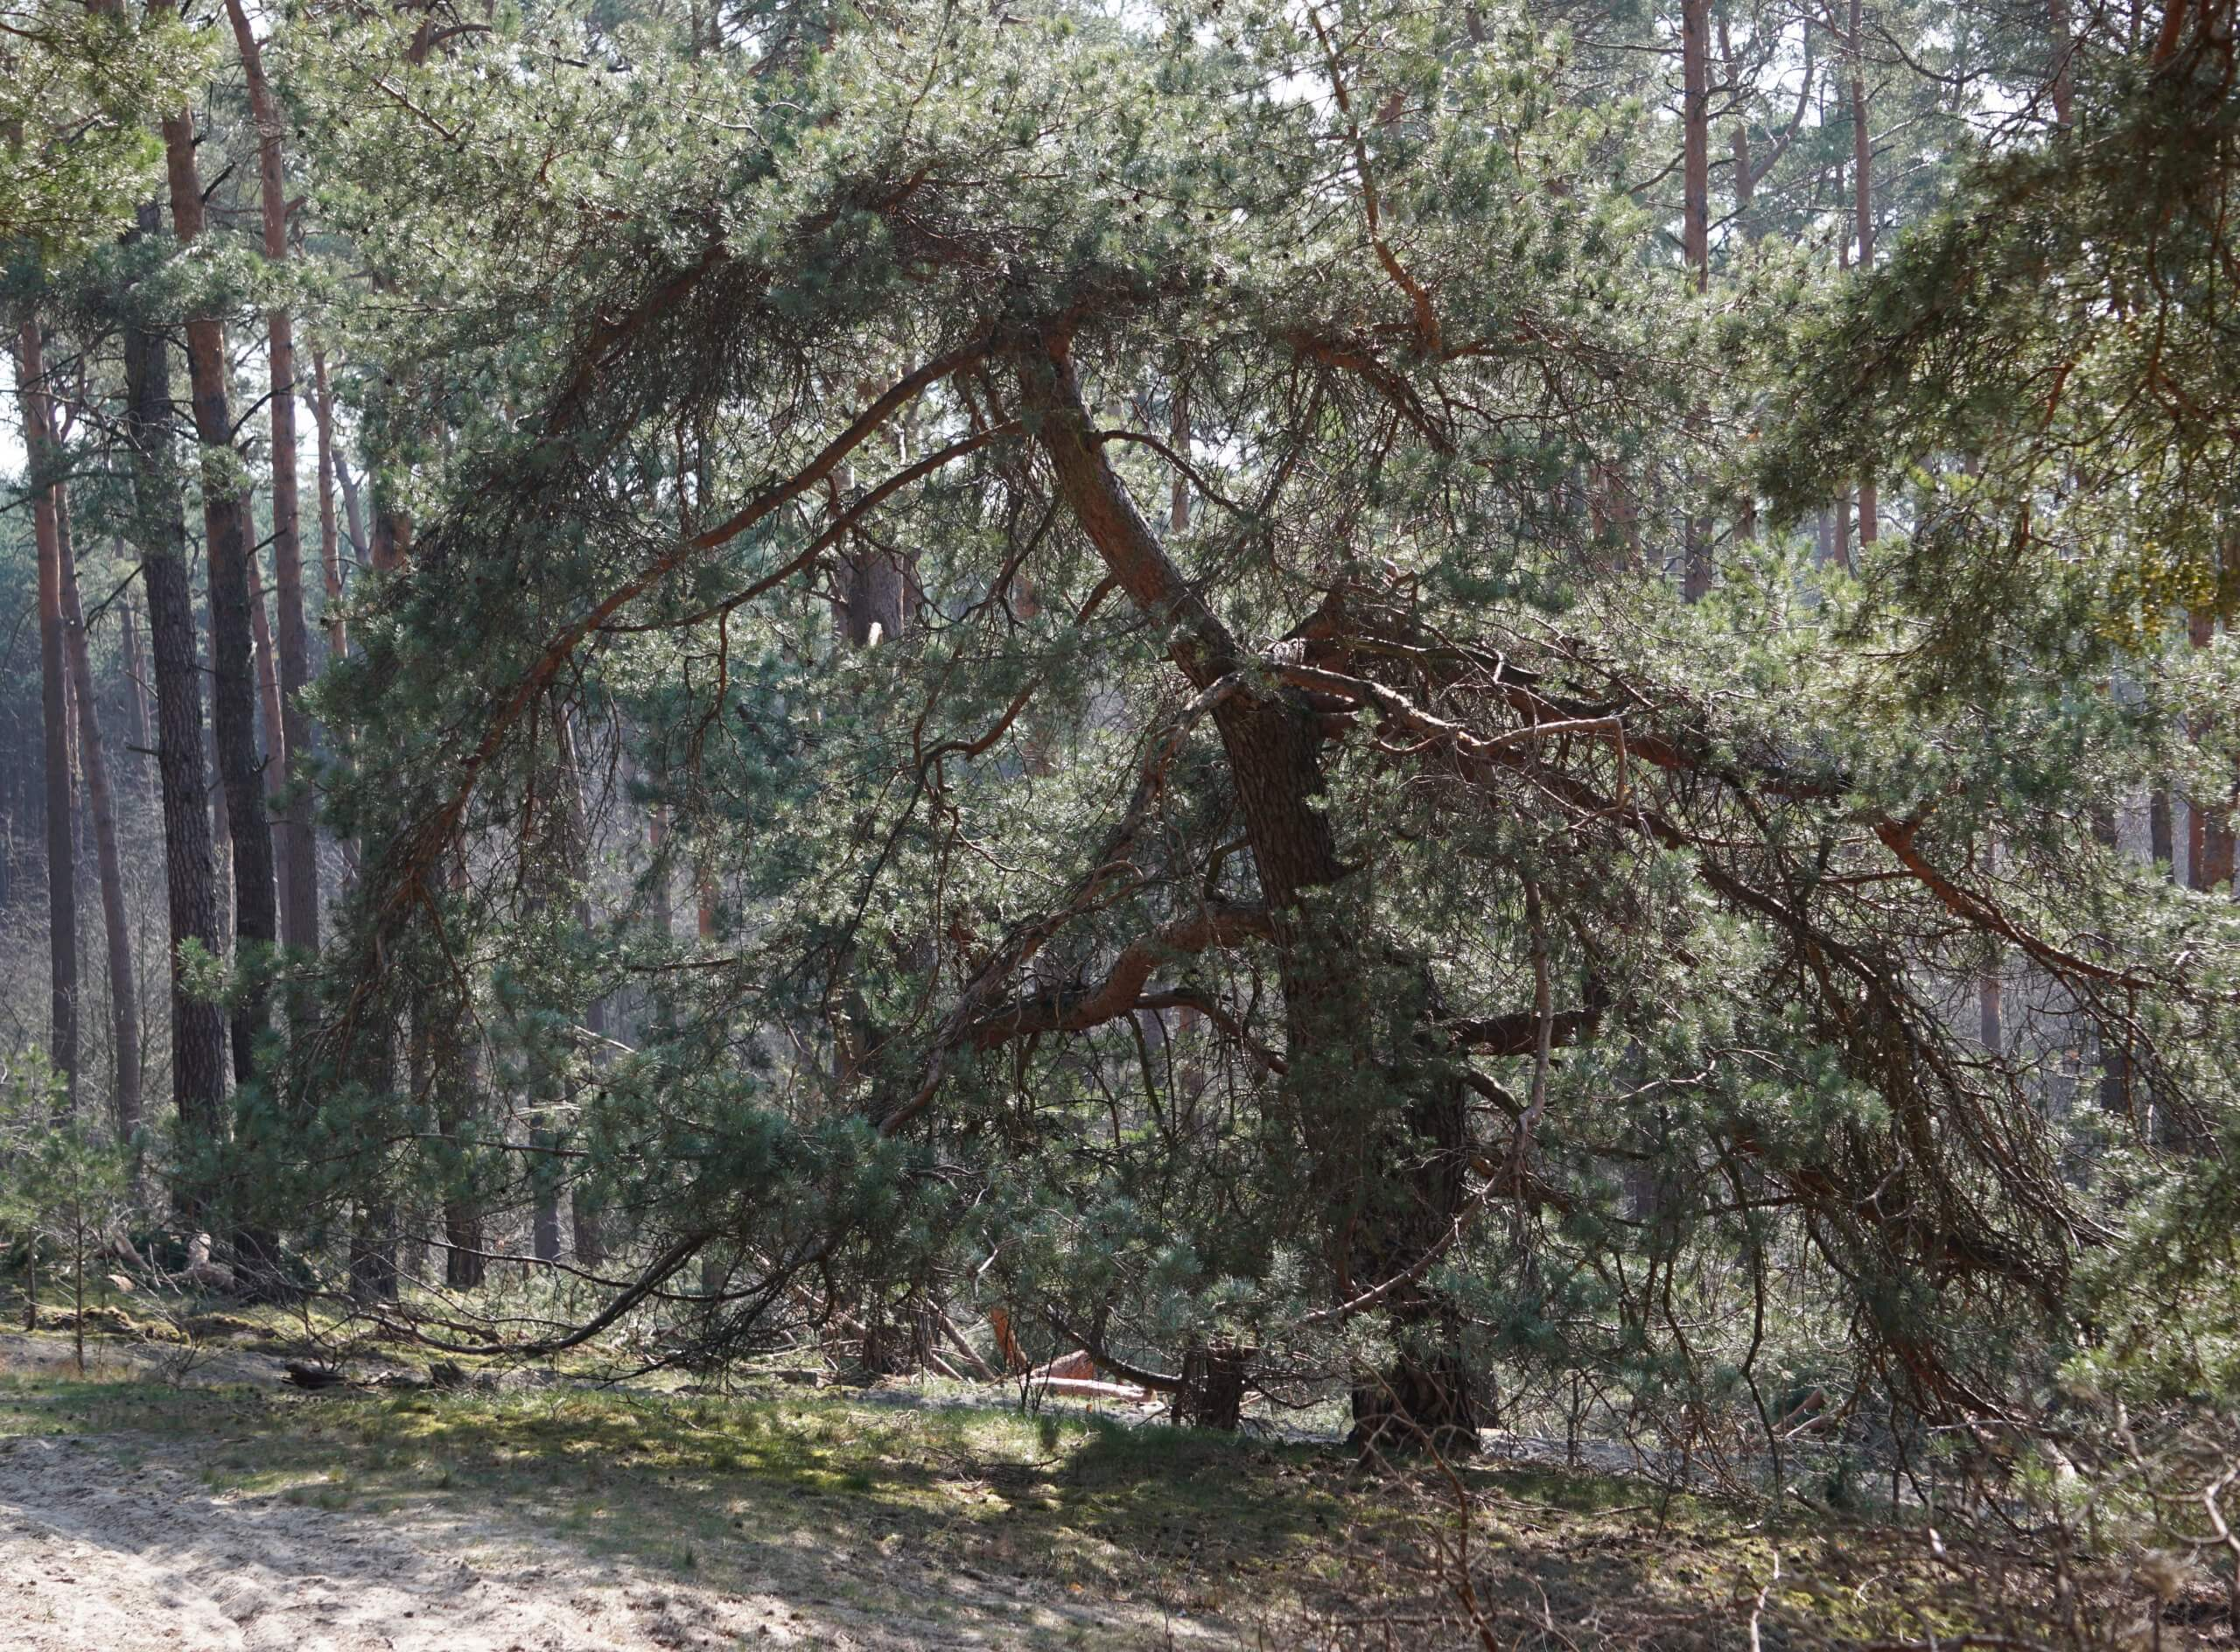 Das Bild zeigt eine knorrige Wald-Kiefer, die außerhalb des Forstbestandes auf offener, gut durchlichteter Fläche auf Endmoränensanden gewachsen ist. Sie zeigt ausladende, bis zum Boden reichende Äste und eine nur geringe Höhe. Seddinberge bei Müggelheim.